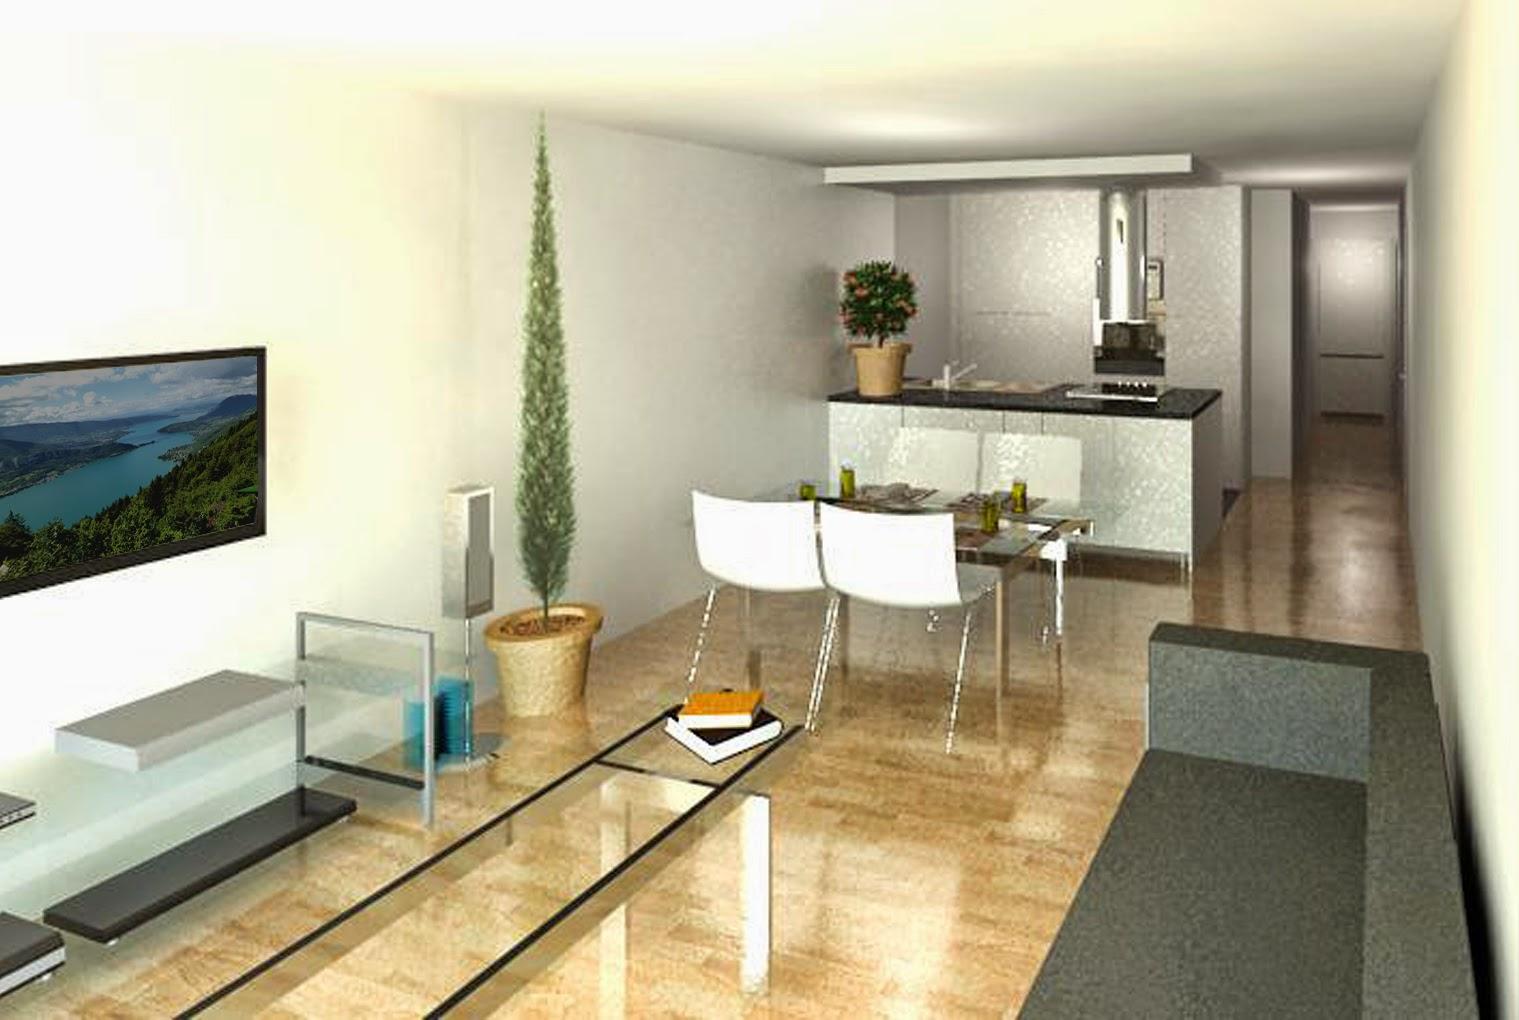 jacques lenain architecte lille r novation compl te d 39 un appartement a lille. Black Bedroom Furniture Sets. Home Design Ideas